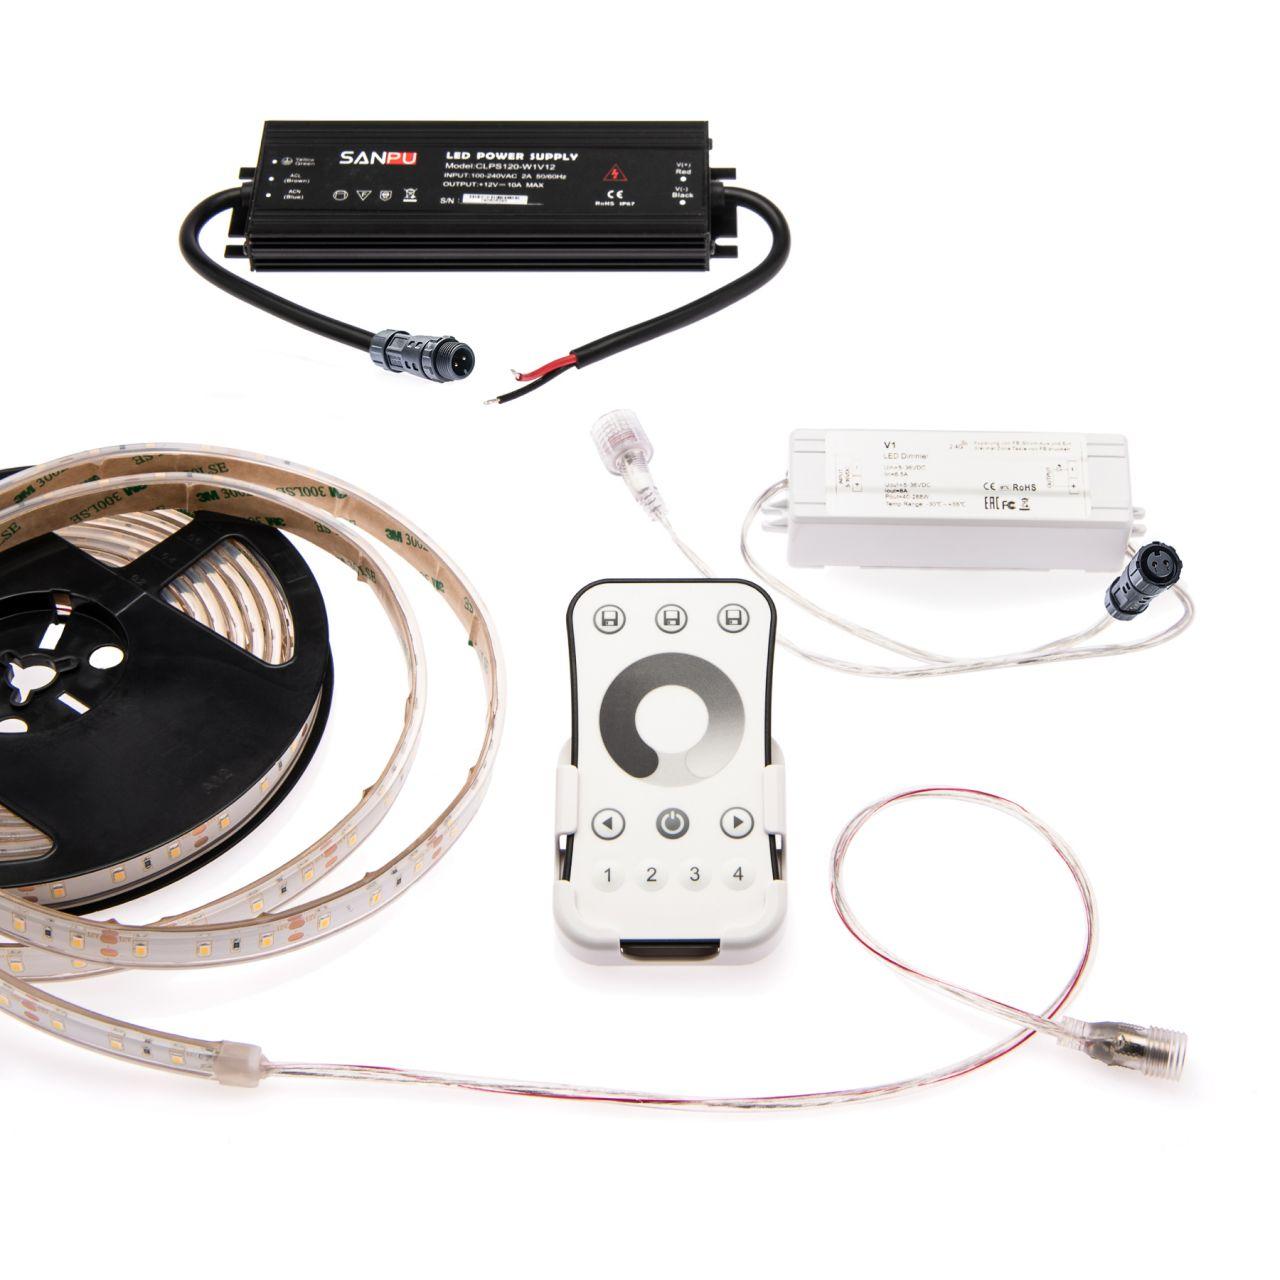 wasserfestes 12V LED Streifen Set mit Fernbedienung und Netzteil, 500cm Länge, Lichtfarbe warmweiß,